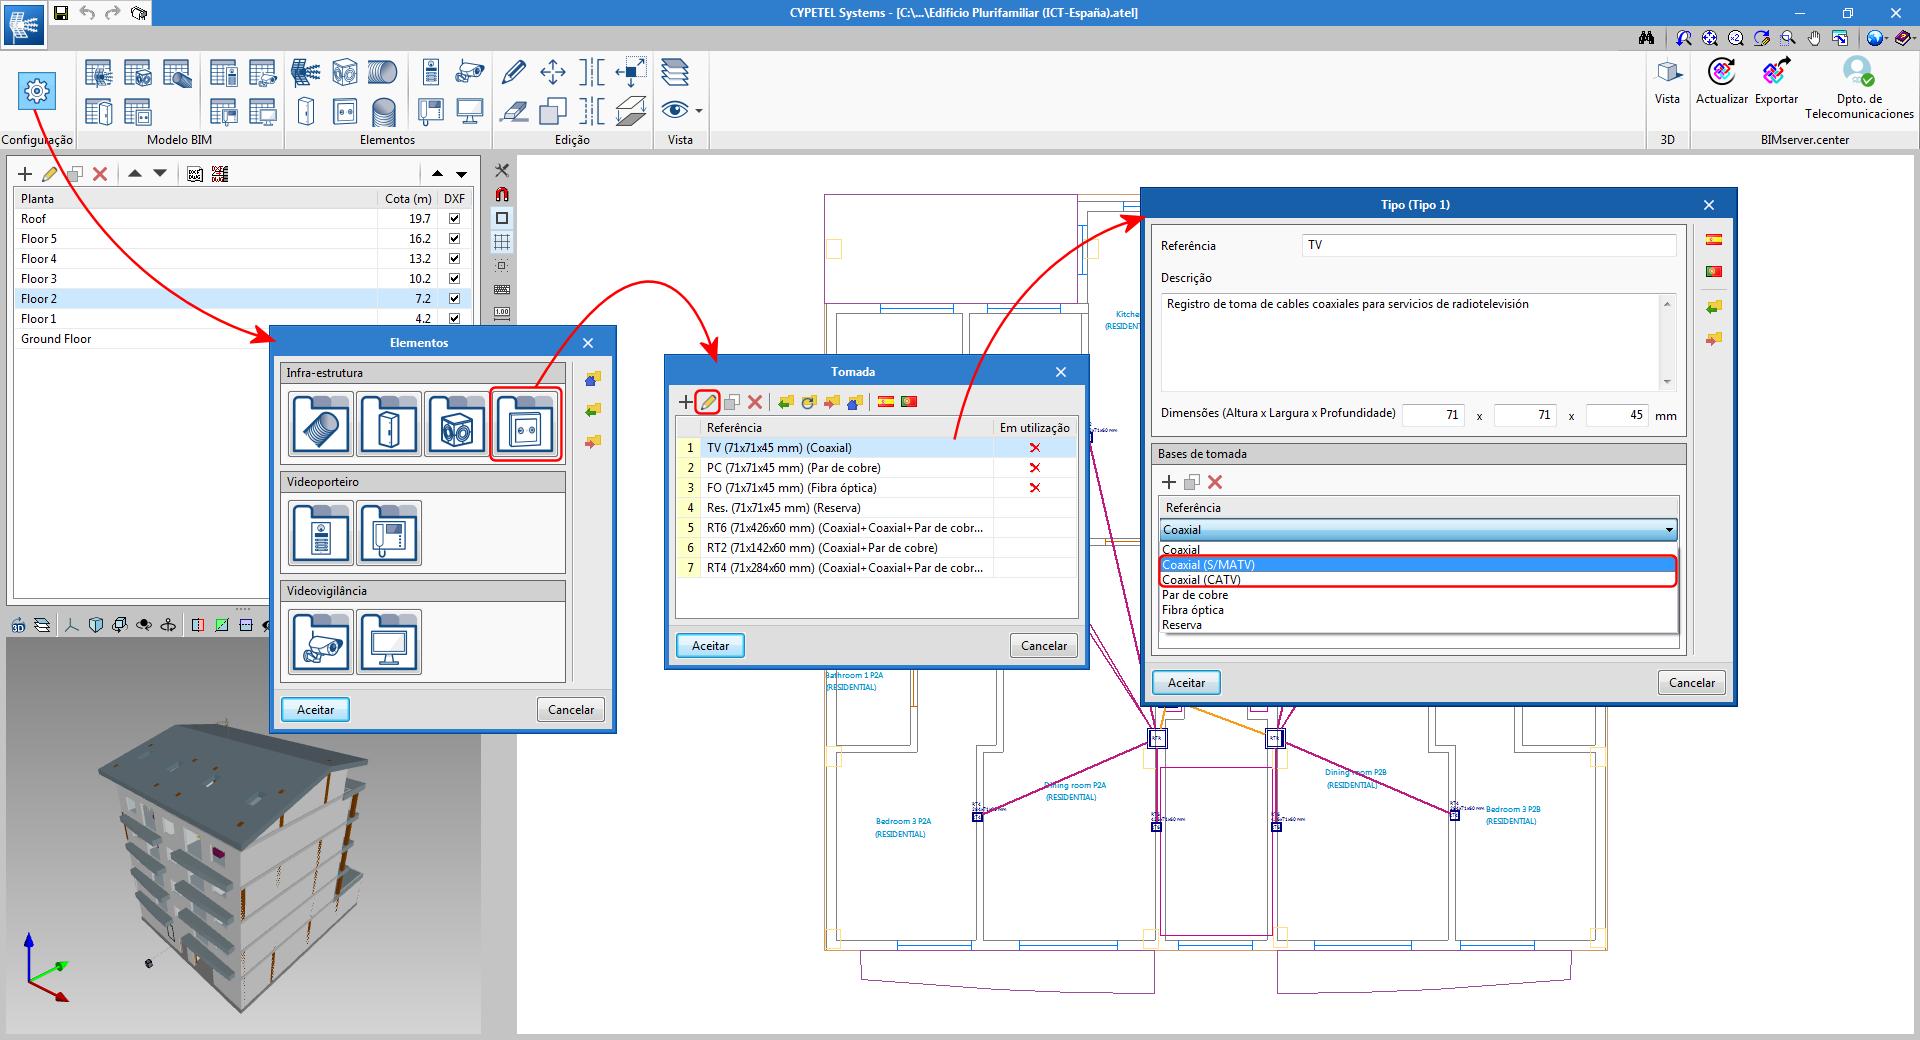 CYPETEL Schematics, CYPETEL Systems y FAAST IT. Conectores coaxiales específicos para S/MATV Y CATV